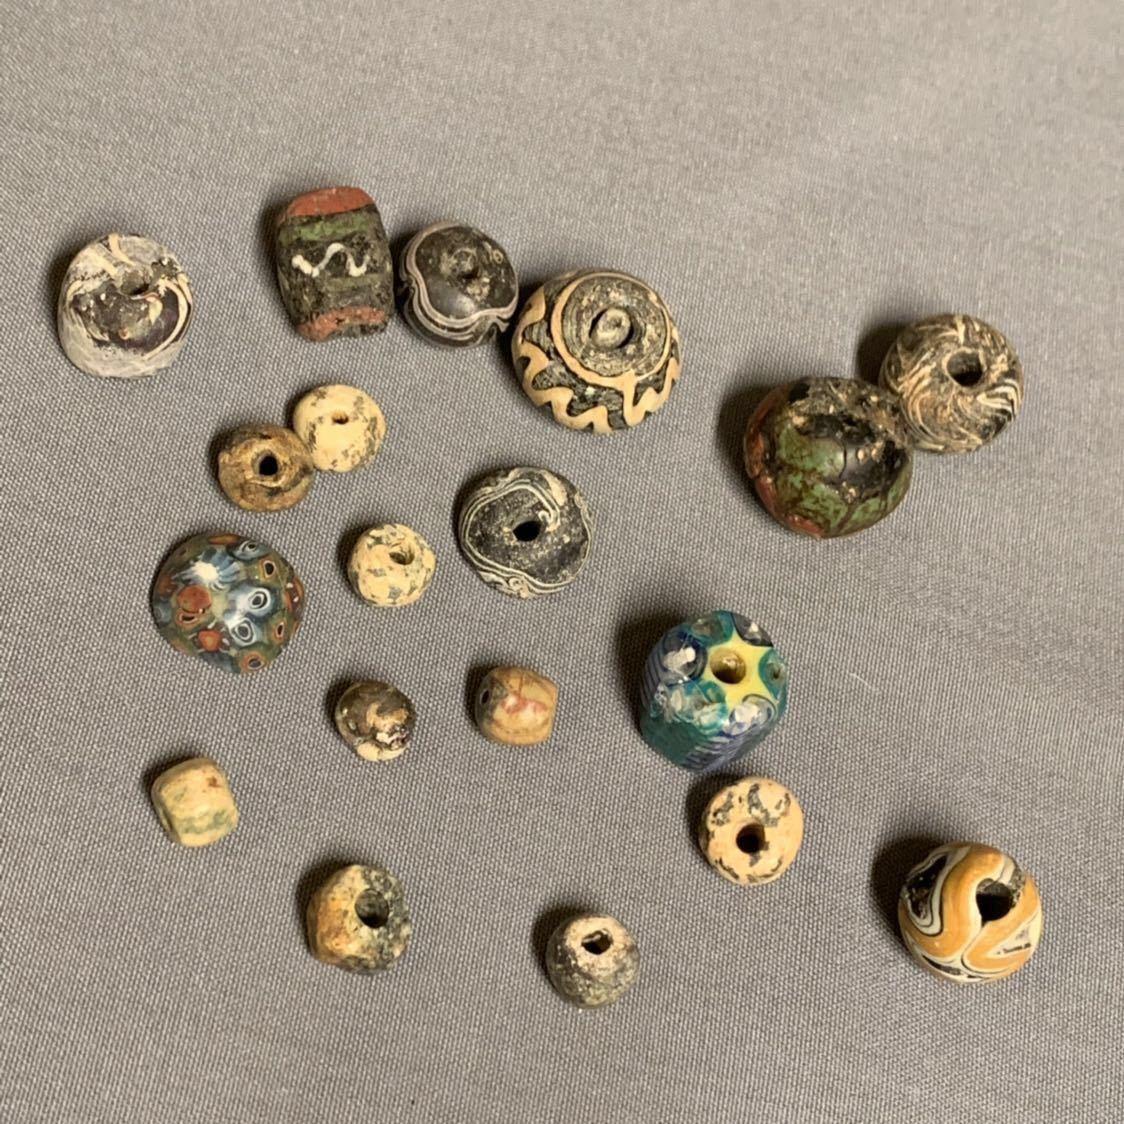 古いとんぼ玉 ビーズ 古玉など19個 コレクター ペルシャ イラン 古代ローマ